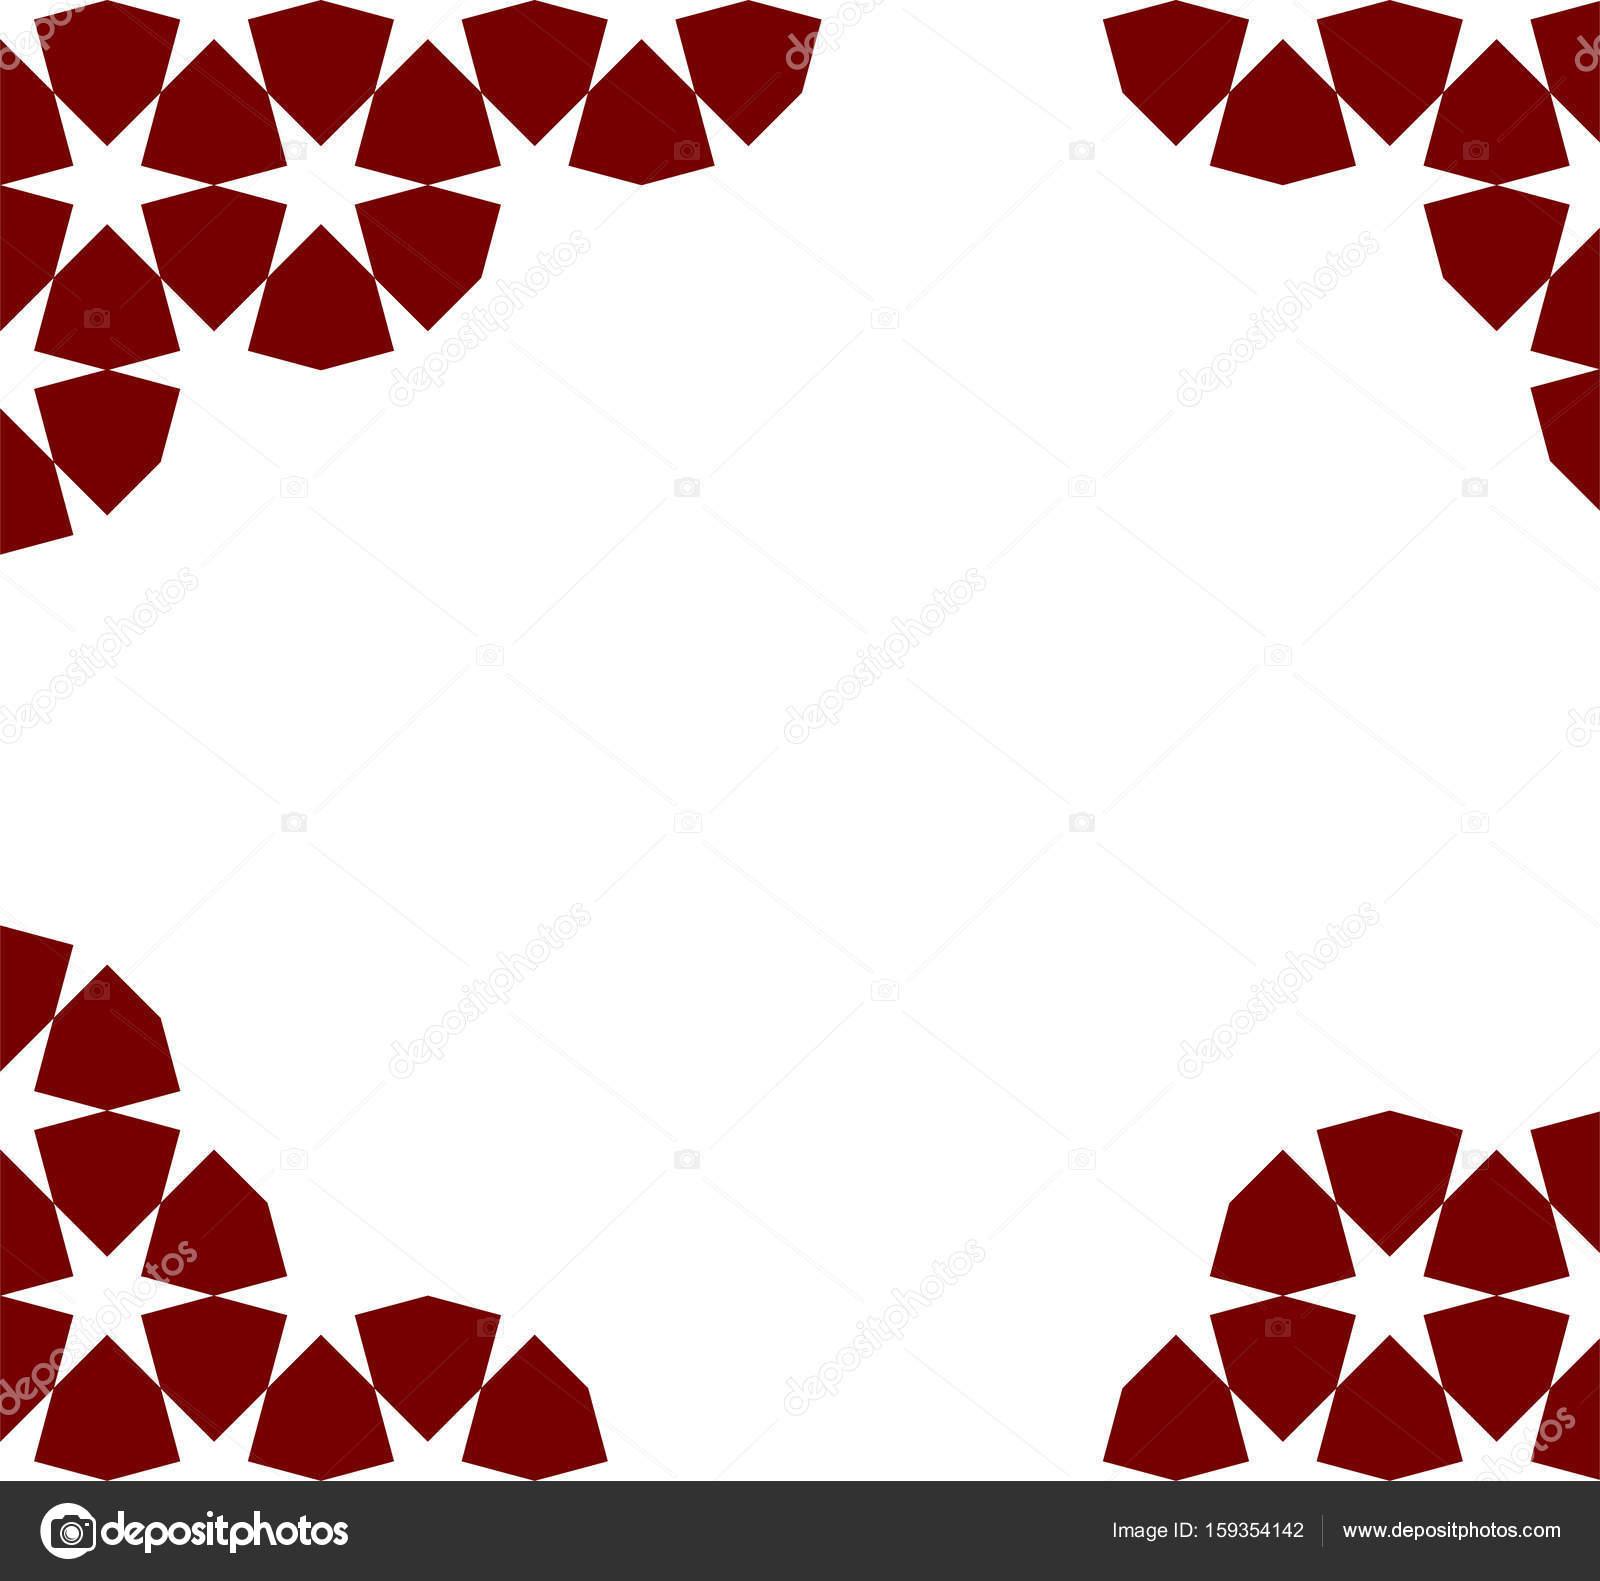 marokkanische Mosaik-Vorlage — Stockvektor © Nataly-Nete #159354142